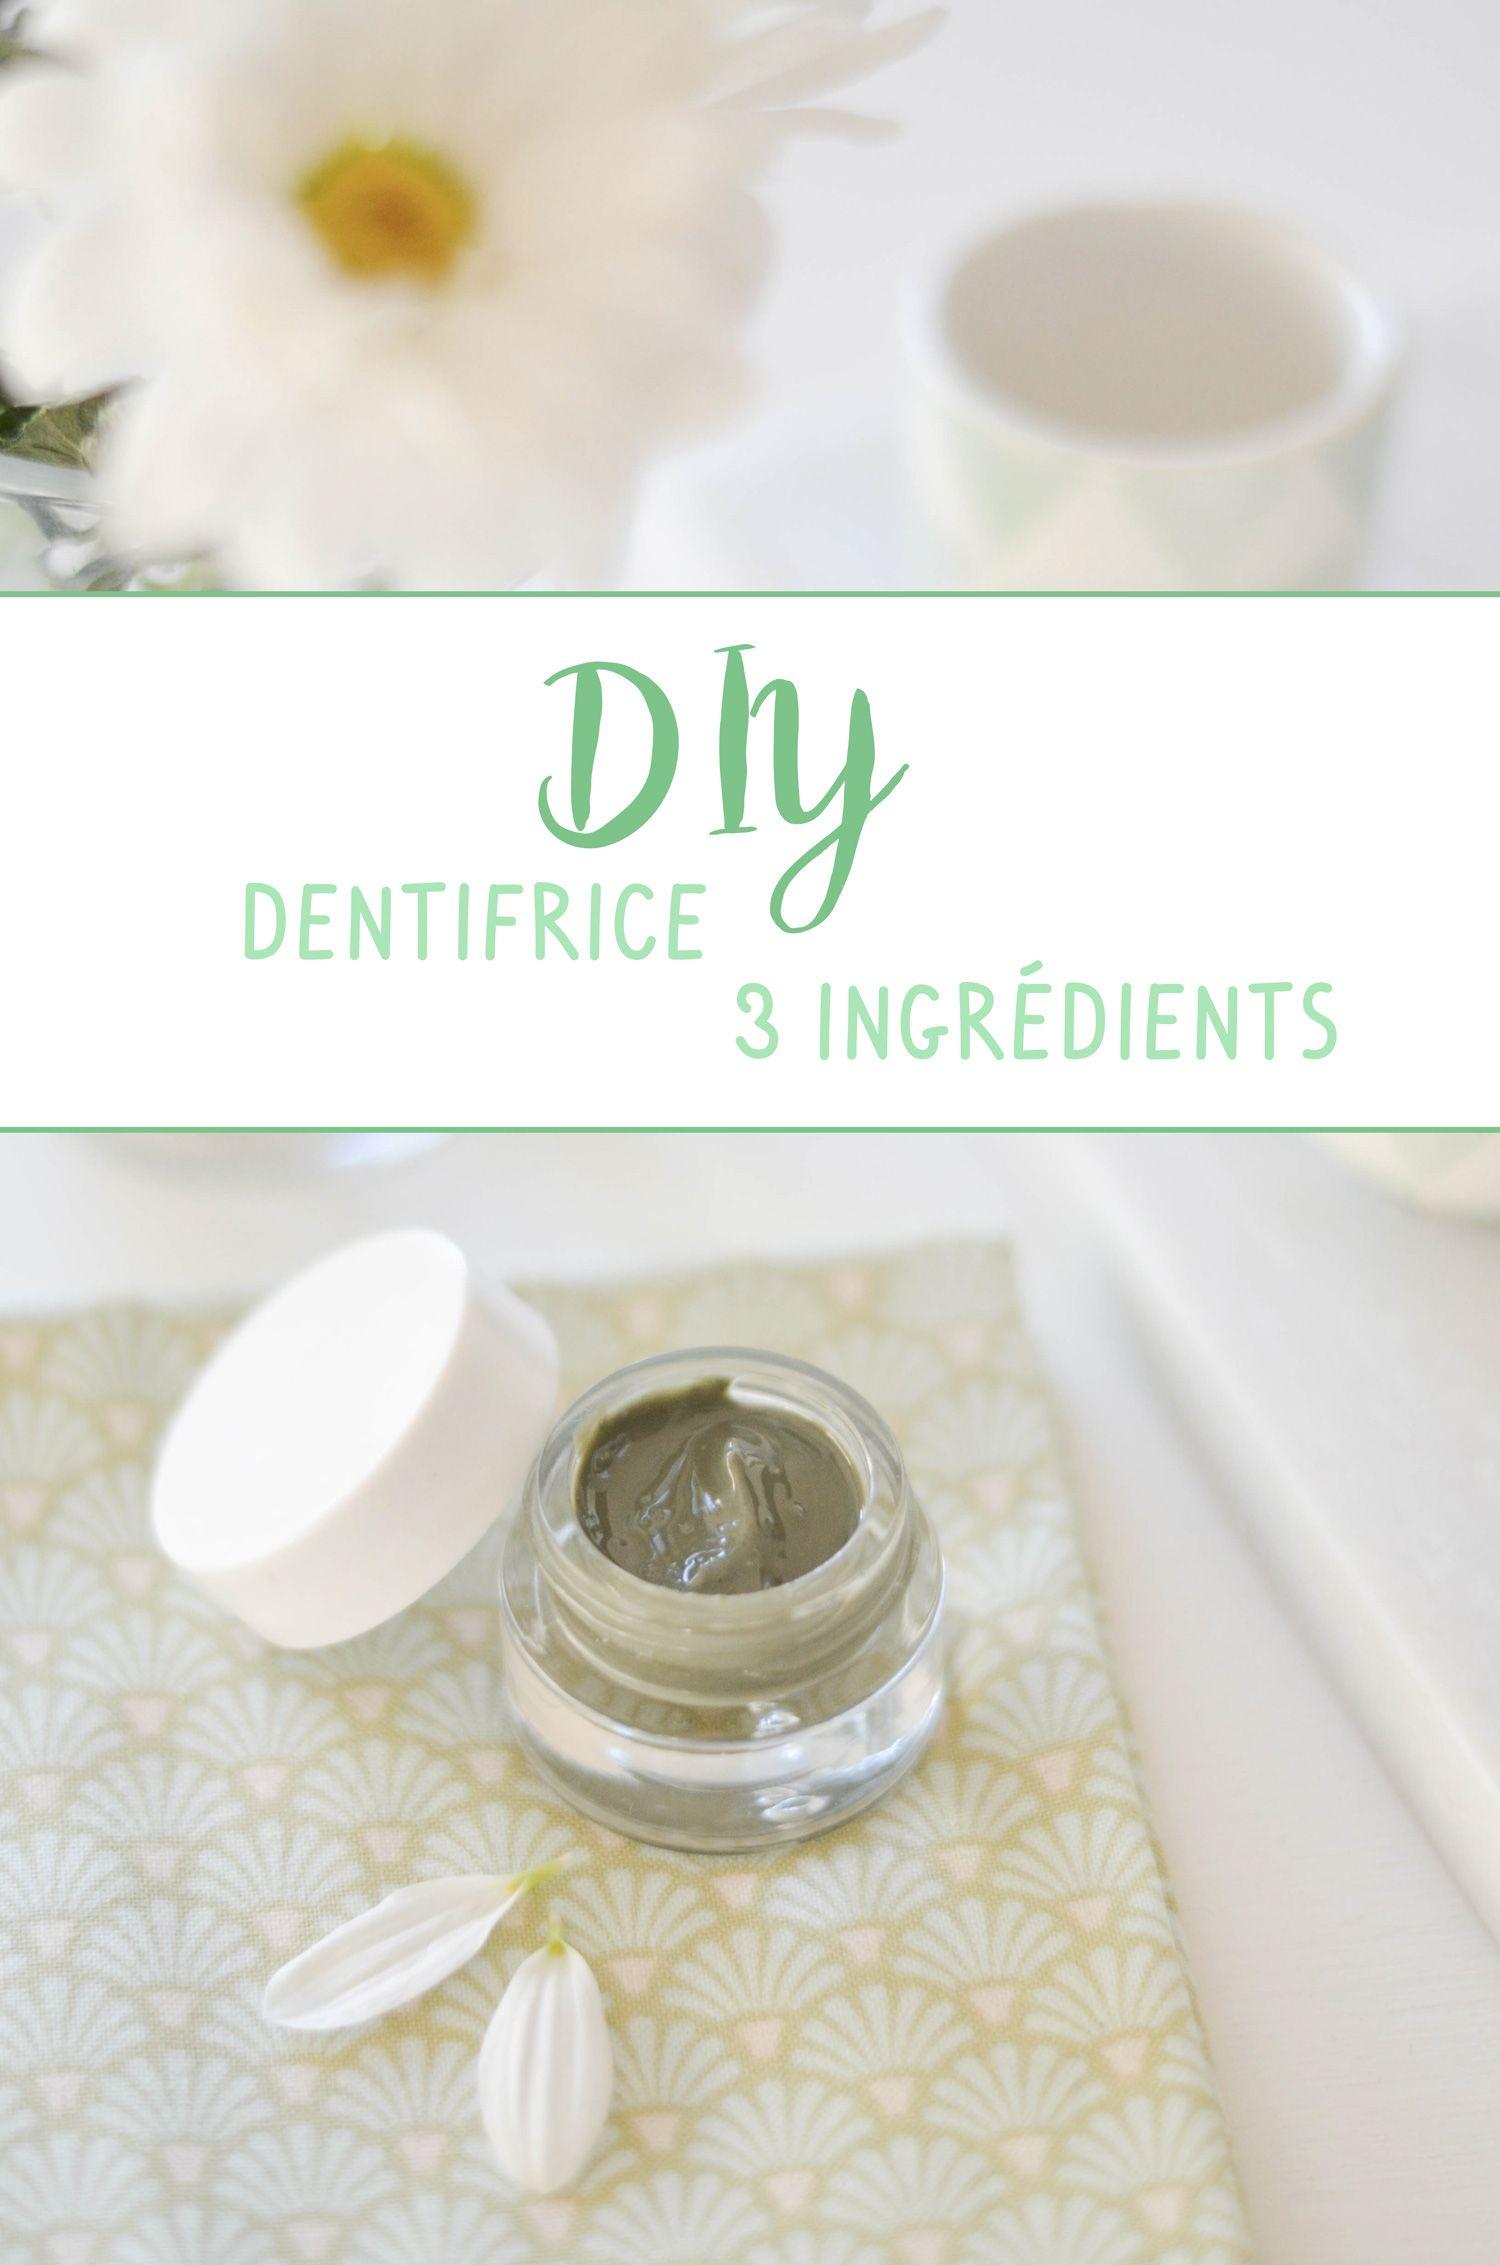 diy dentifrice 3 ingr dients 100 naturel en vid o. Black Bedroom Furniture Sets. Home Design Ideas